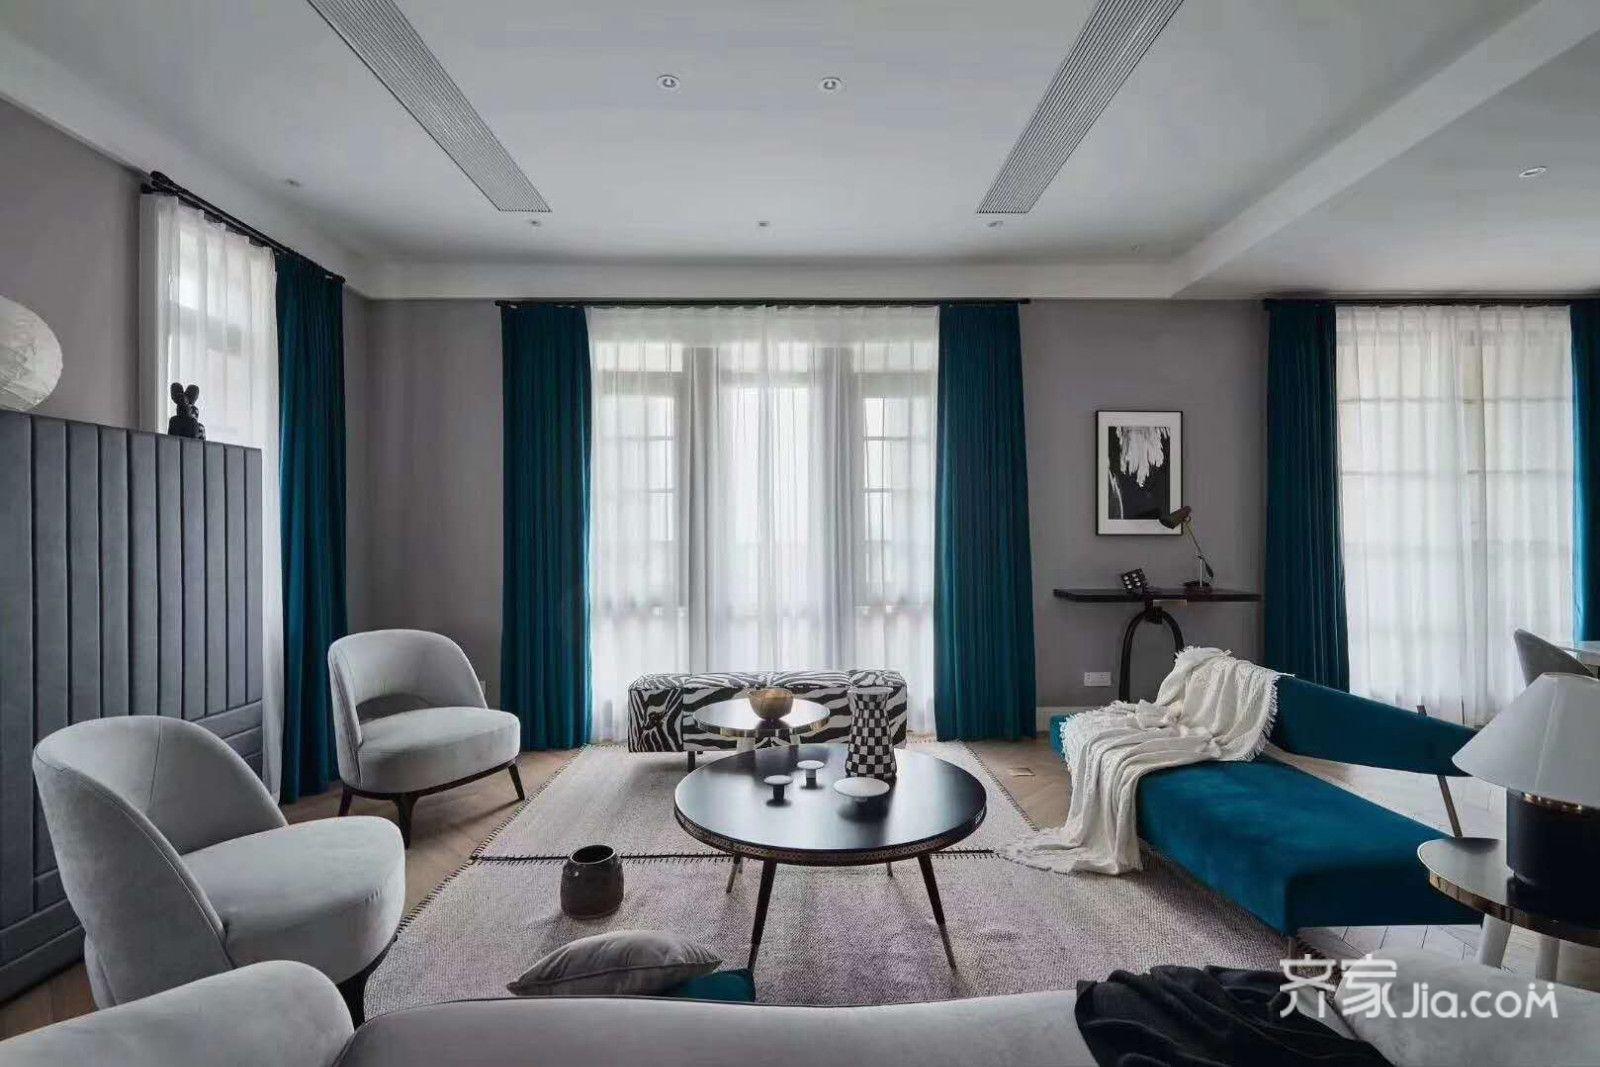 160㎡ 四居室 简约 北欧风格的装修现在也成为简洁风格装修的一种图片